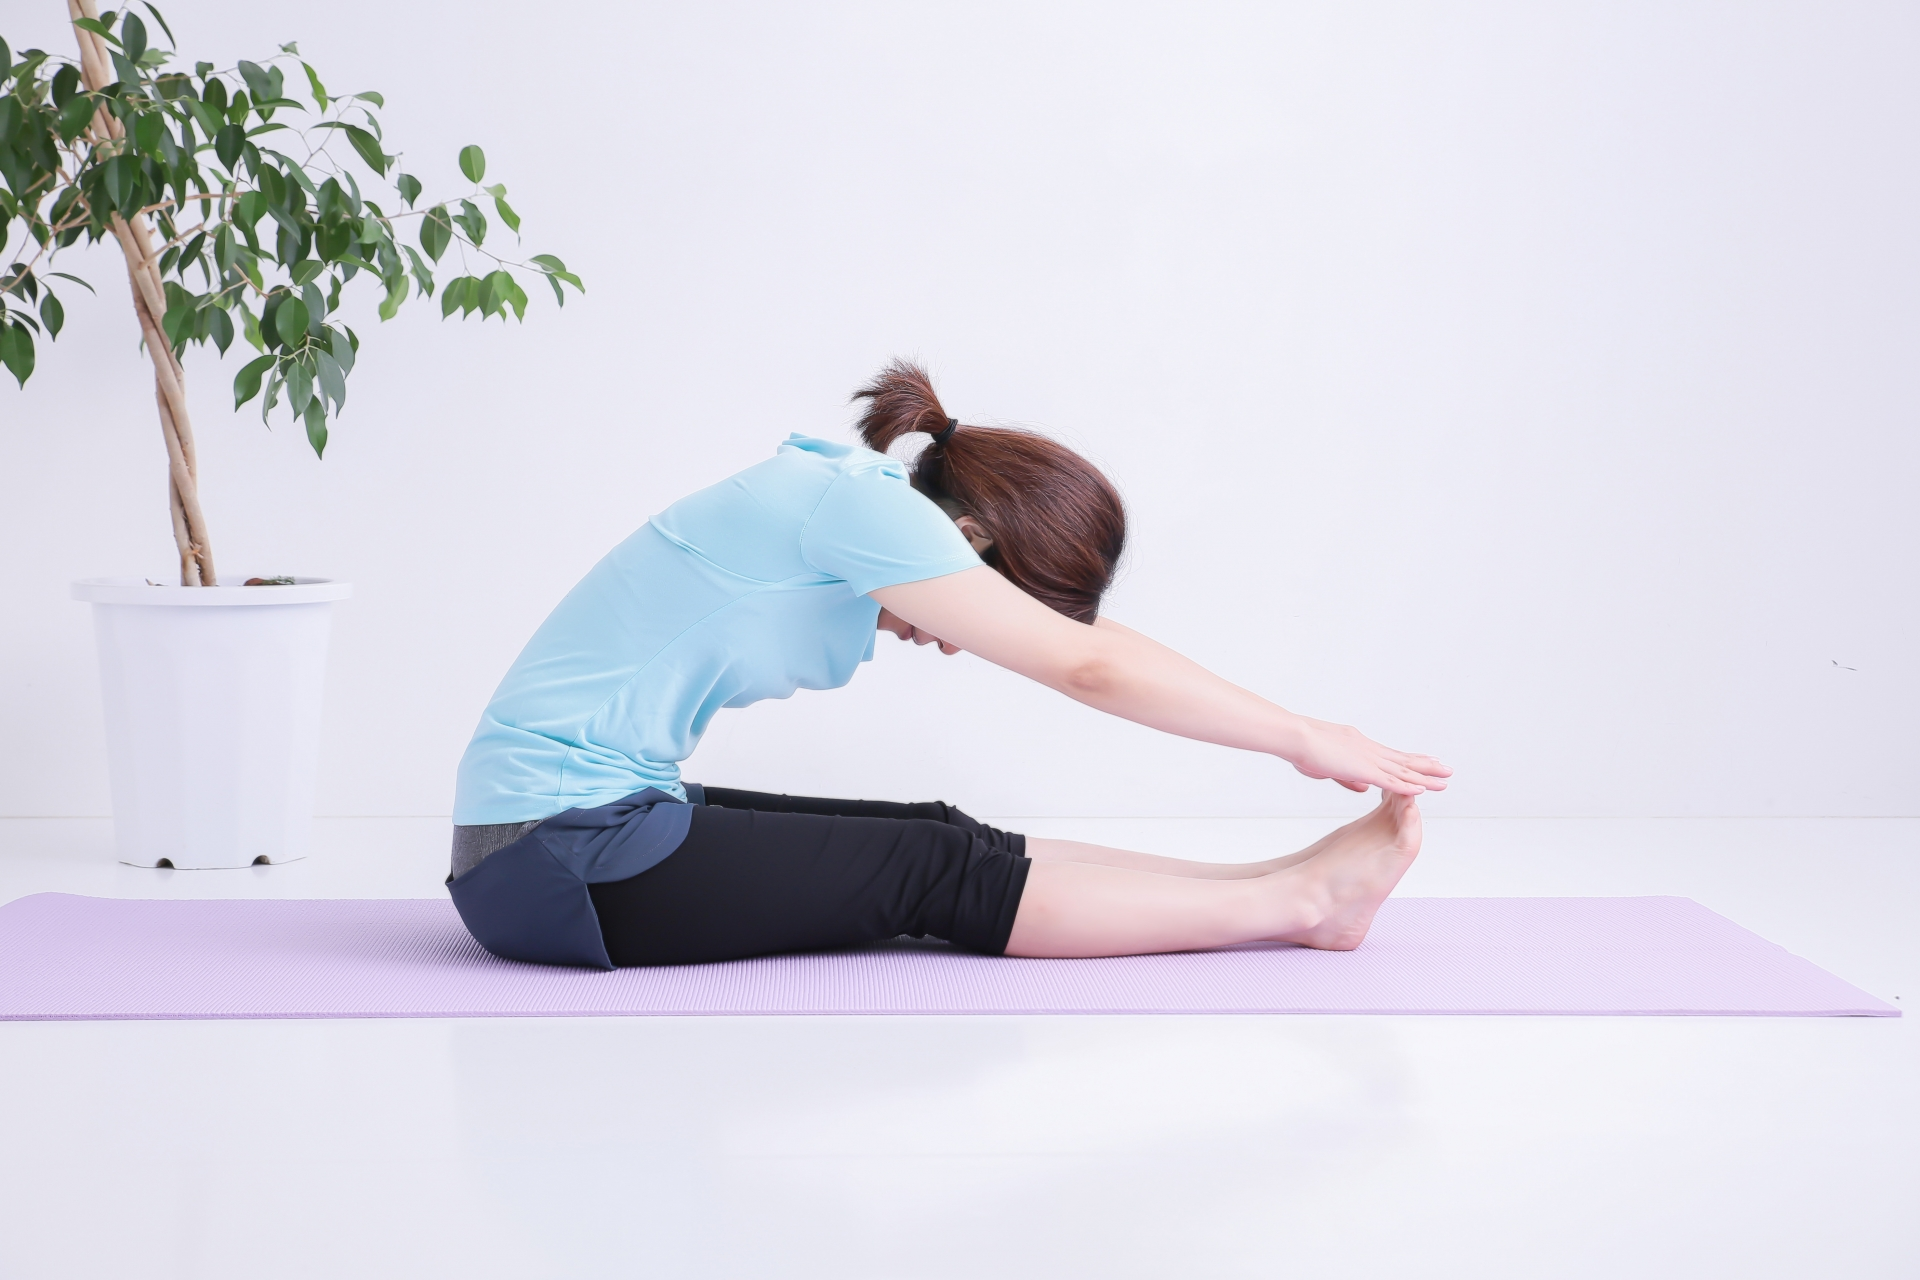 体の柔軟性のチェック。上半身から下半身など部位別にチェック